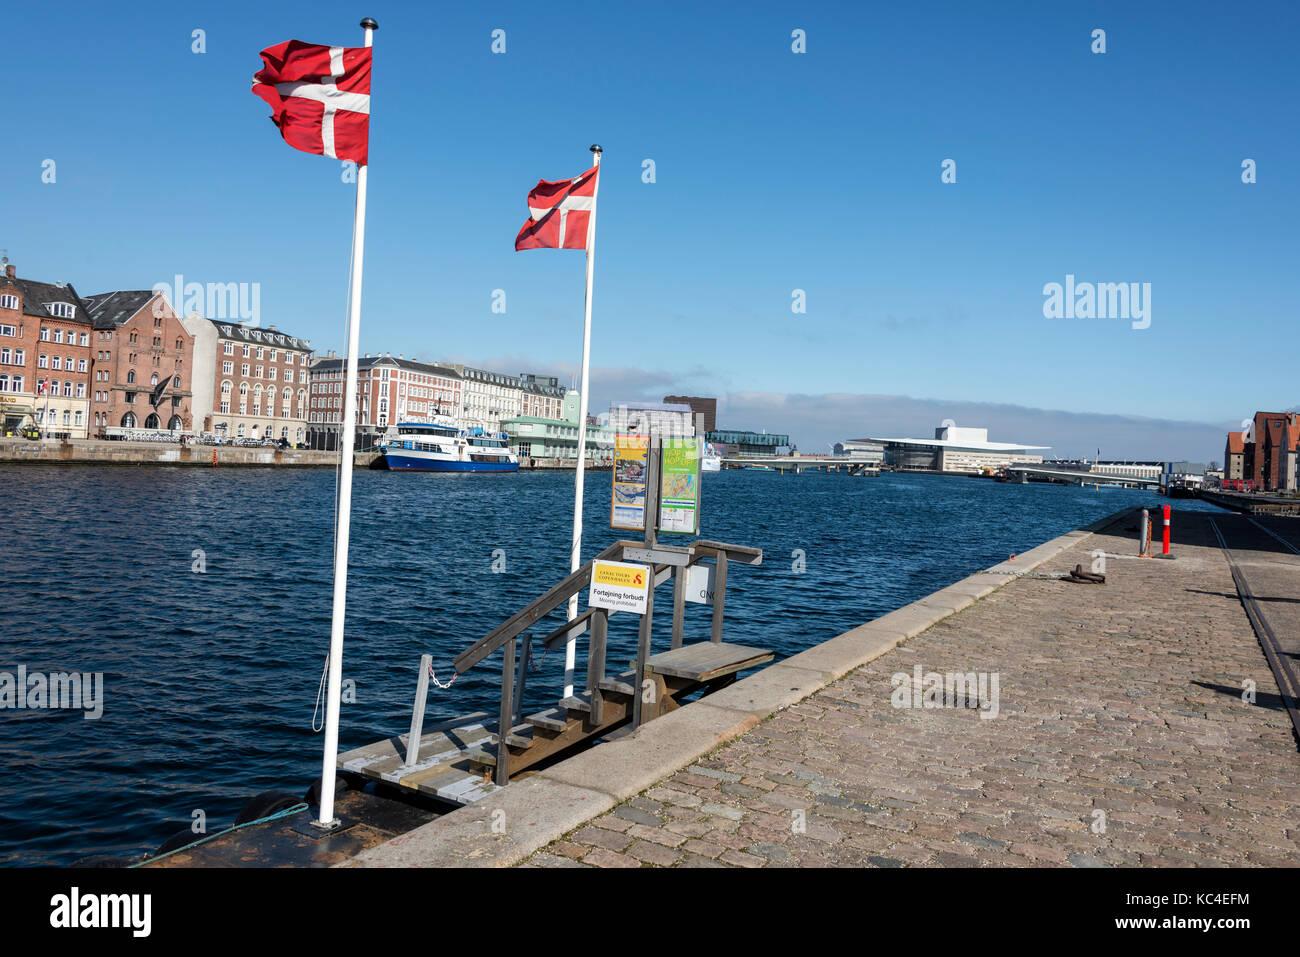 On the Christianshavn side of Copenhagen harbour towards the Royal Danish Opera House in Denmark - Stock Image